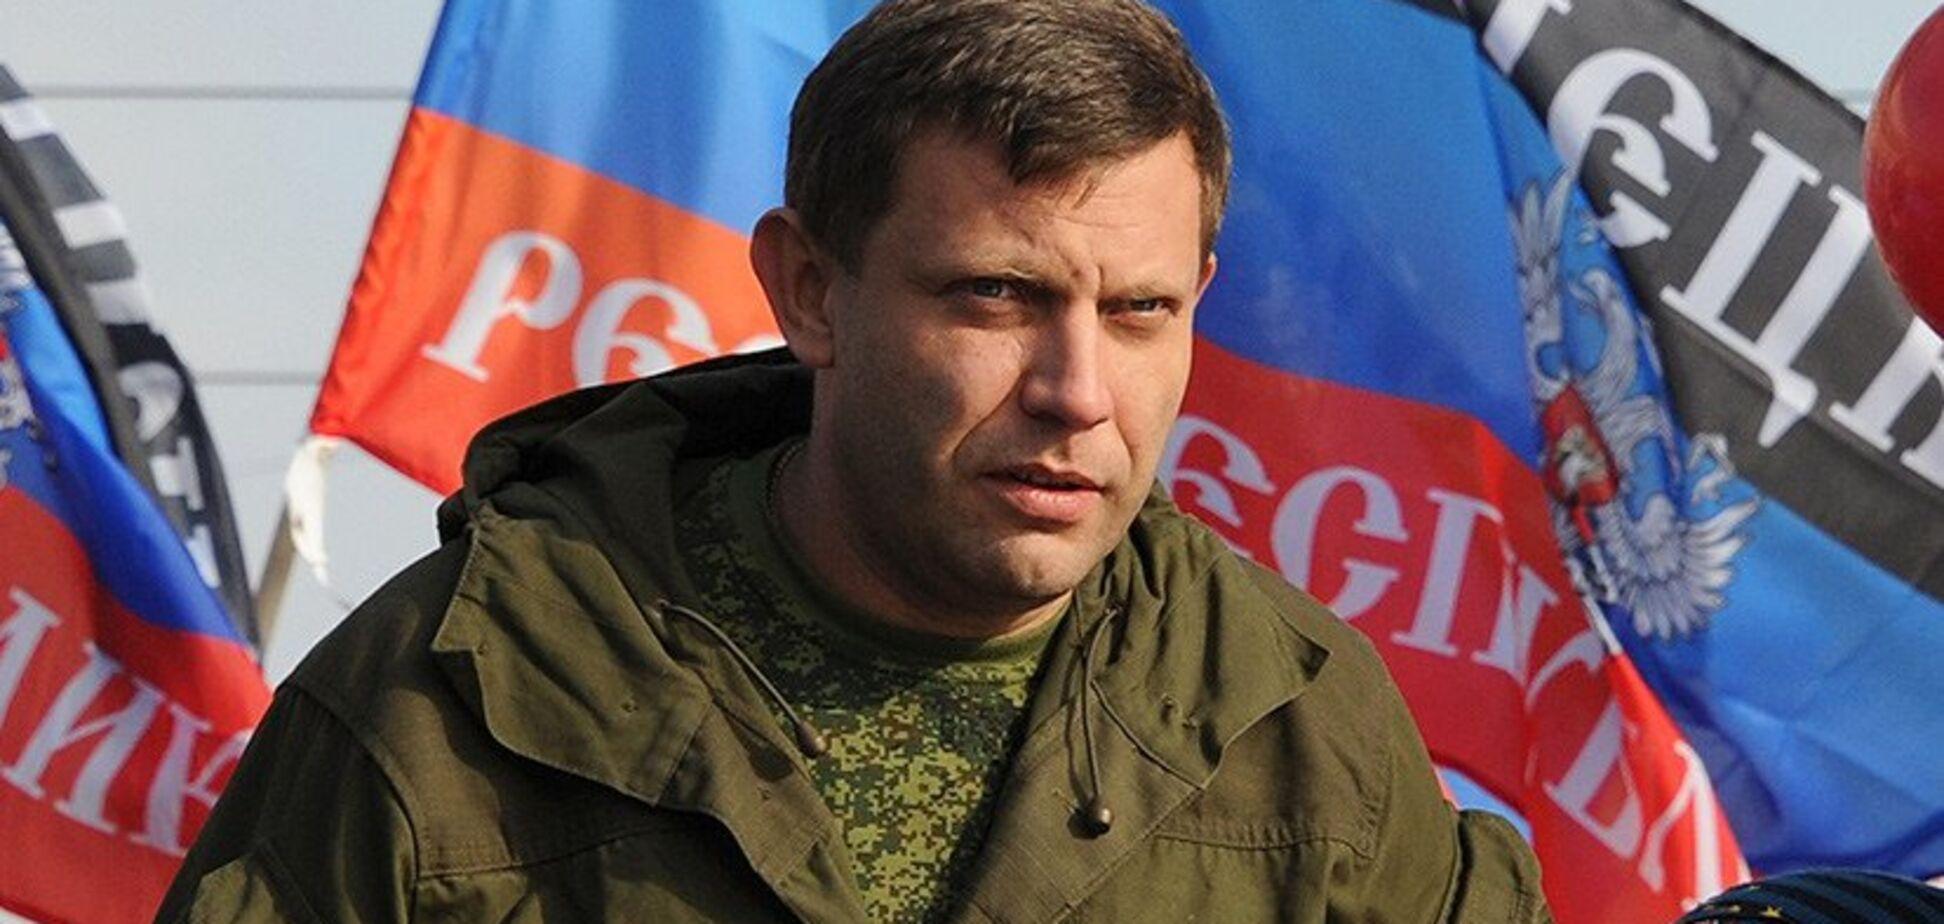 Росія 'спалилася': журналіст вказав на важливий момент у вбивстві Захарченка